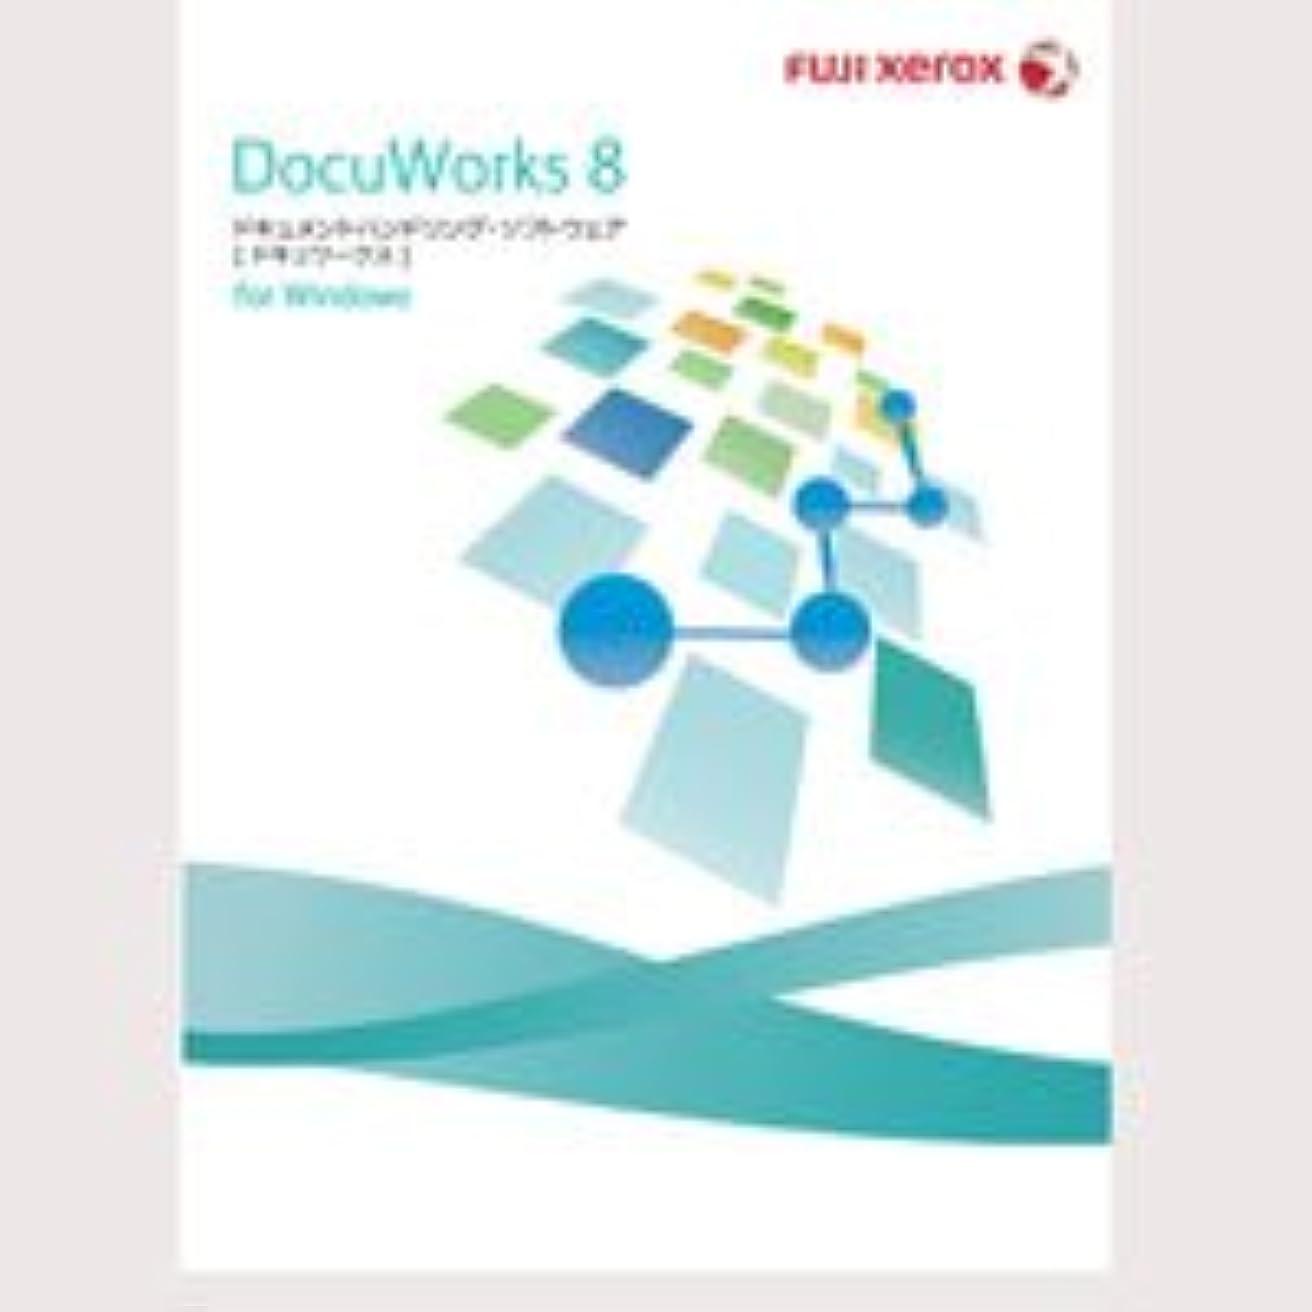 ミサイル寮抜け目のない富士ゼロックス DocuWorks8日本語版アップグレード/10ライセンス